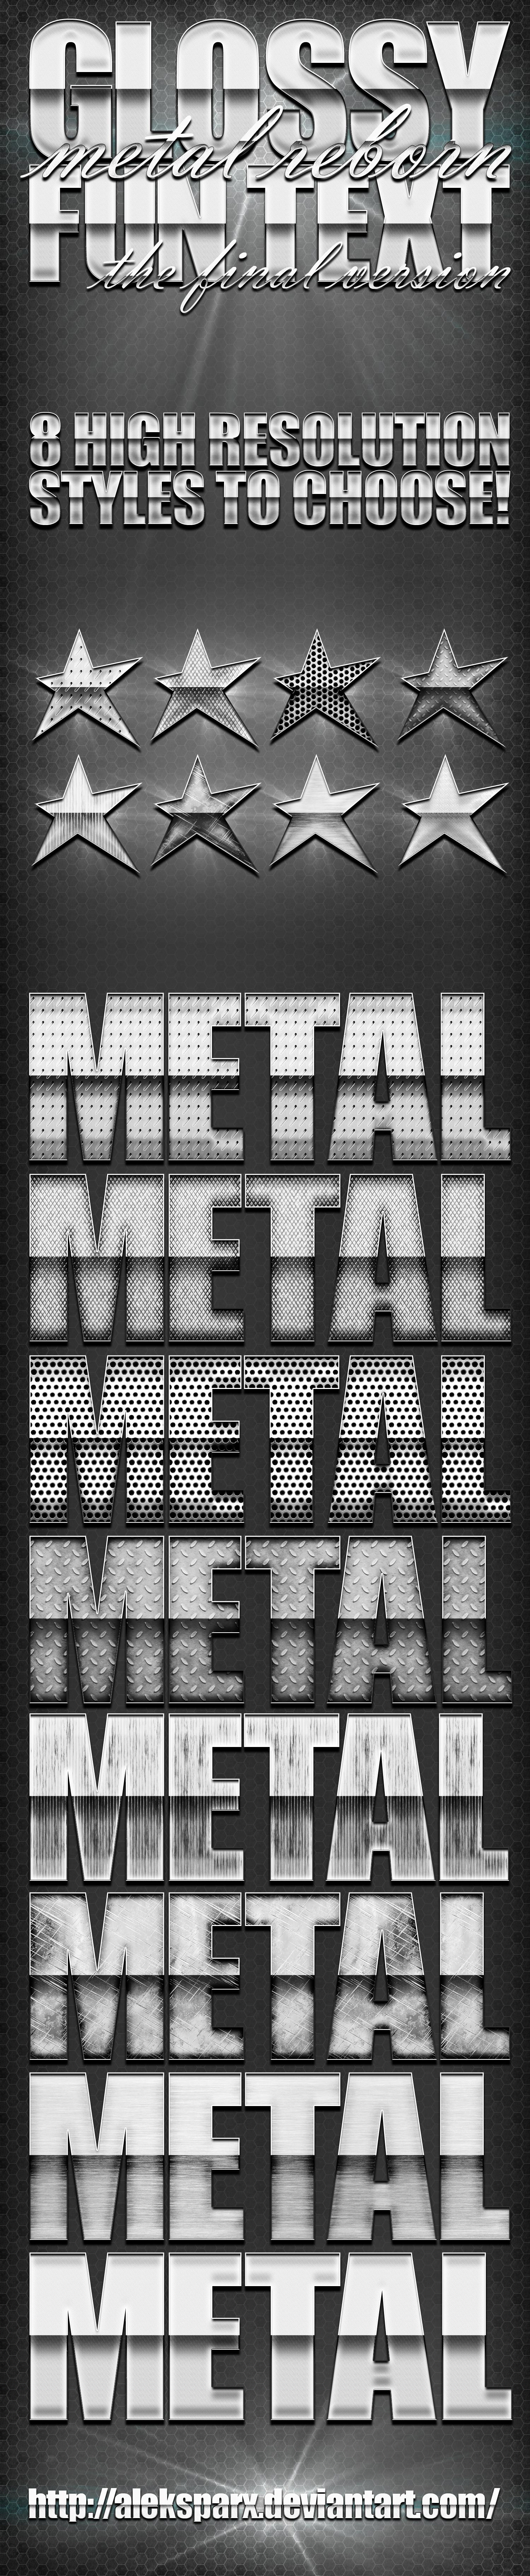 Genuine Glossy Metal 'Reborn' Style